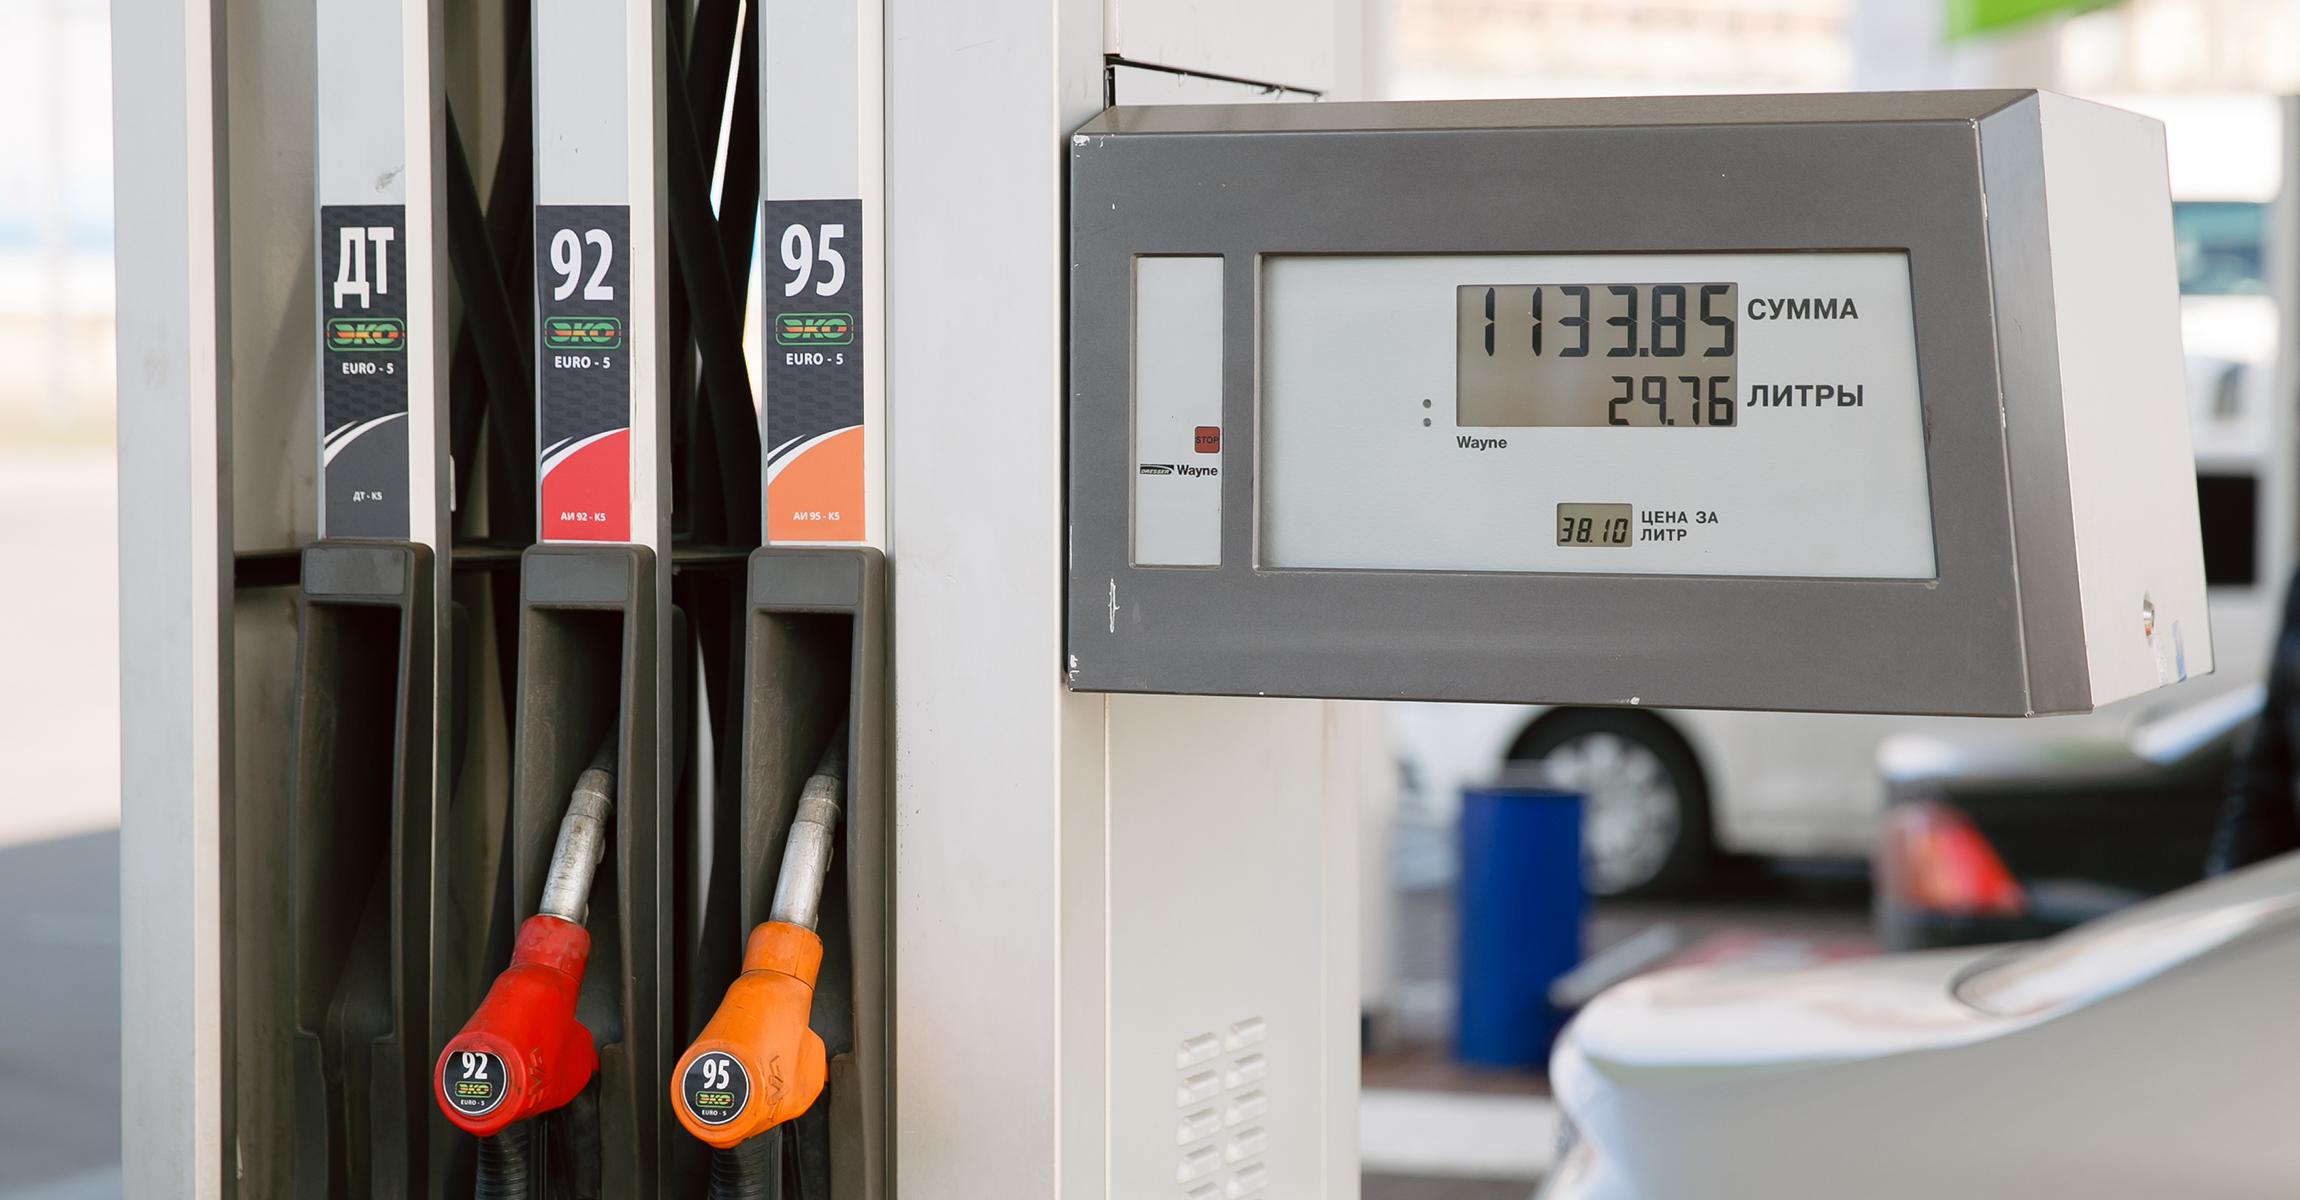 дизель-бензин